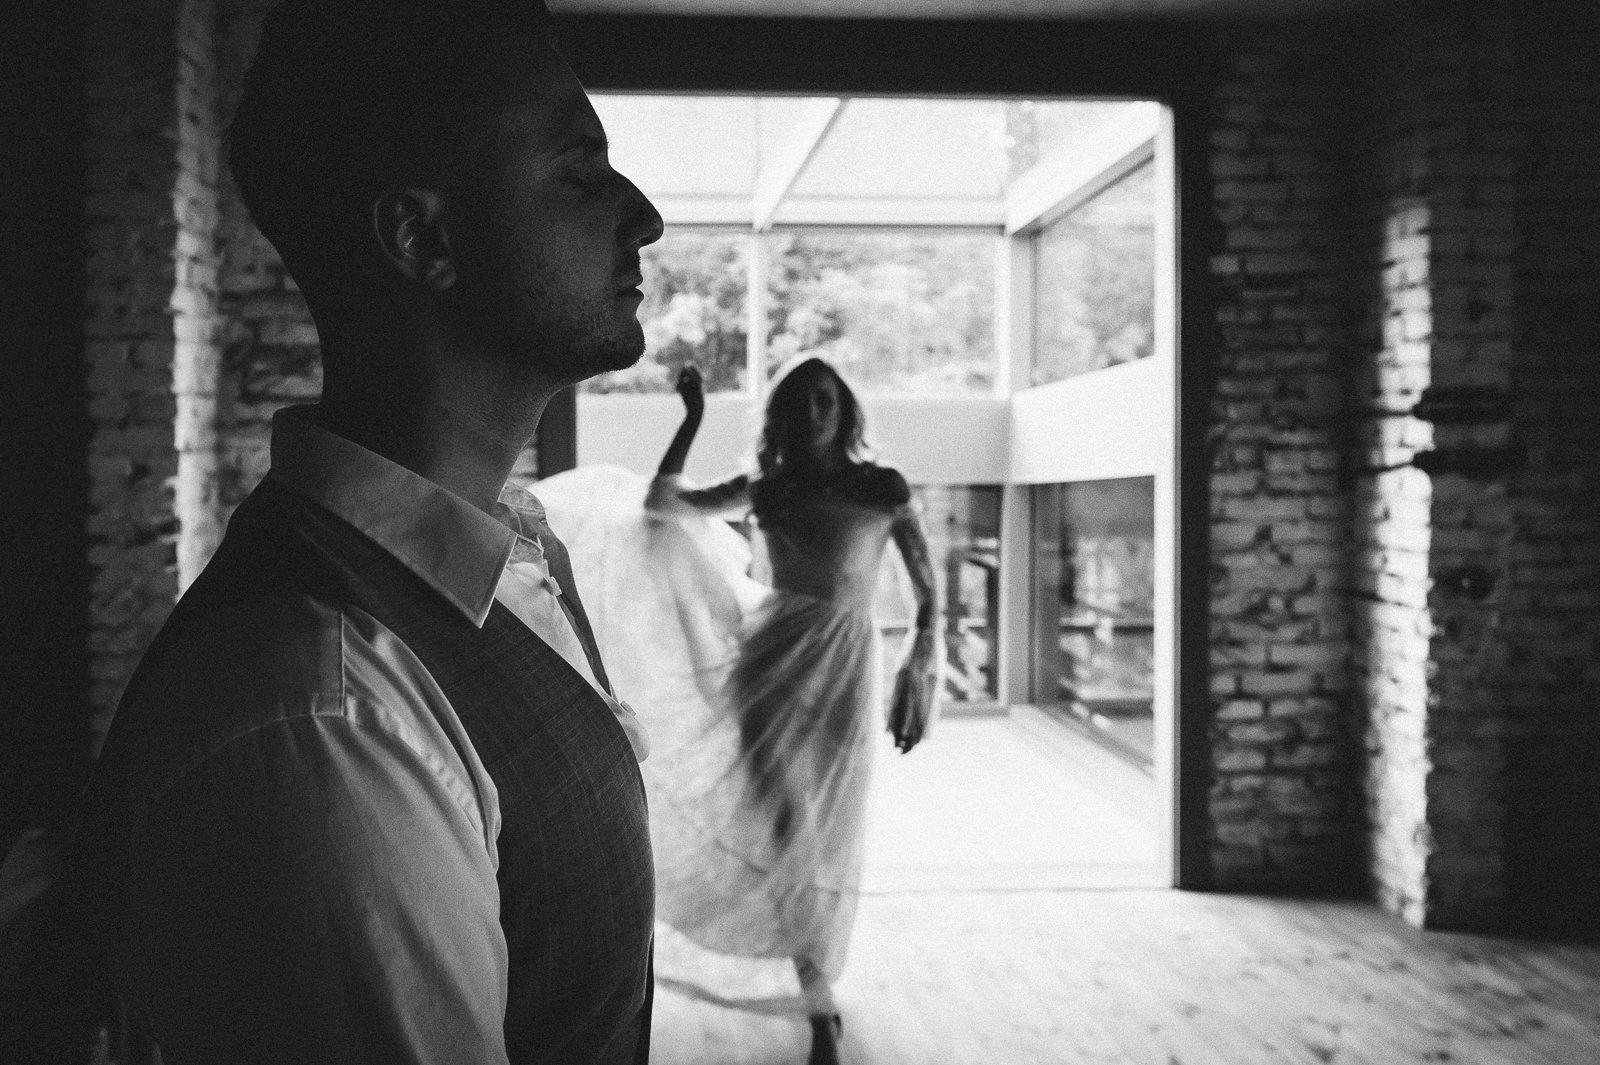 przemyslane komponowanie kadru sprawia, ze fotografie ślubne przestają być zwyczajnymi zdjęciami i nabierają walorów artystycznych